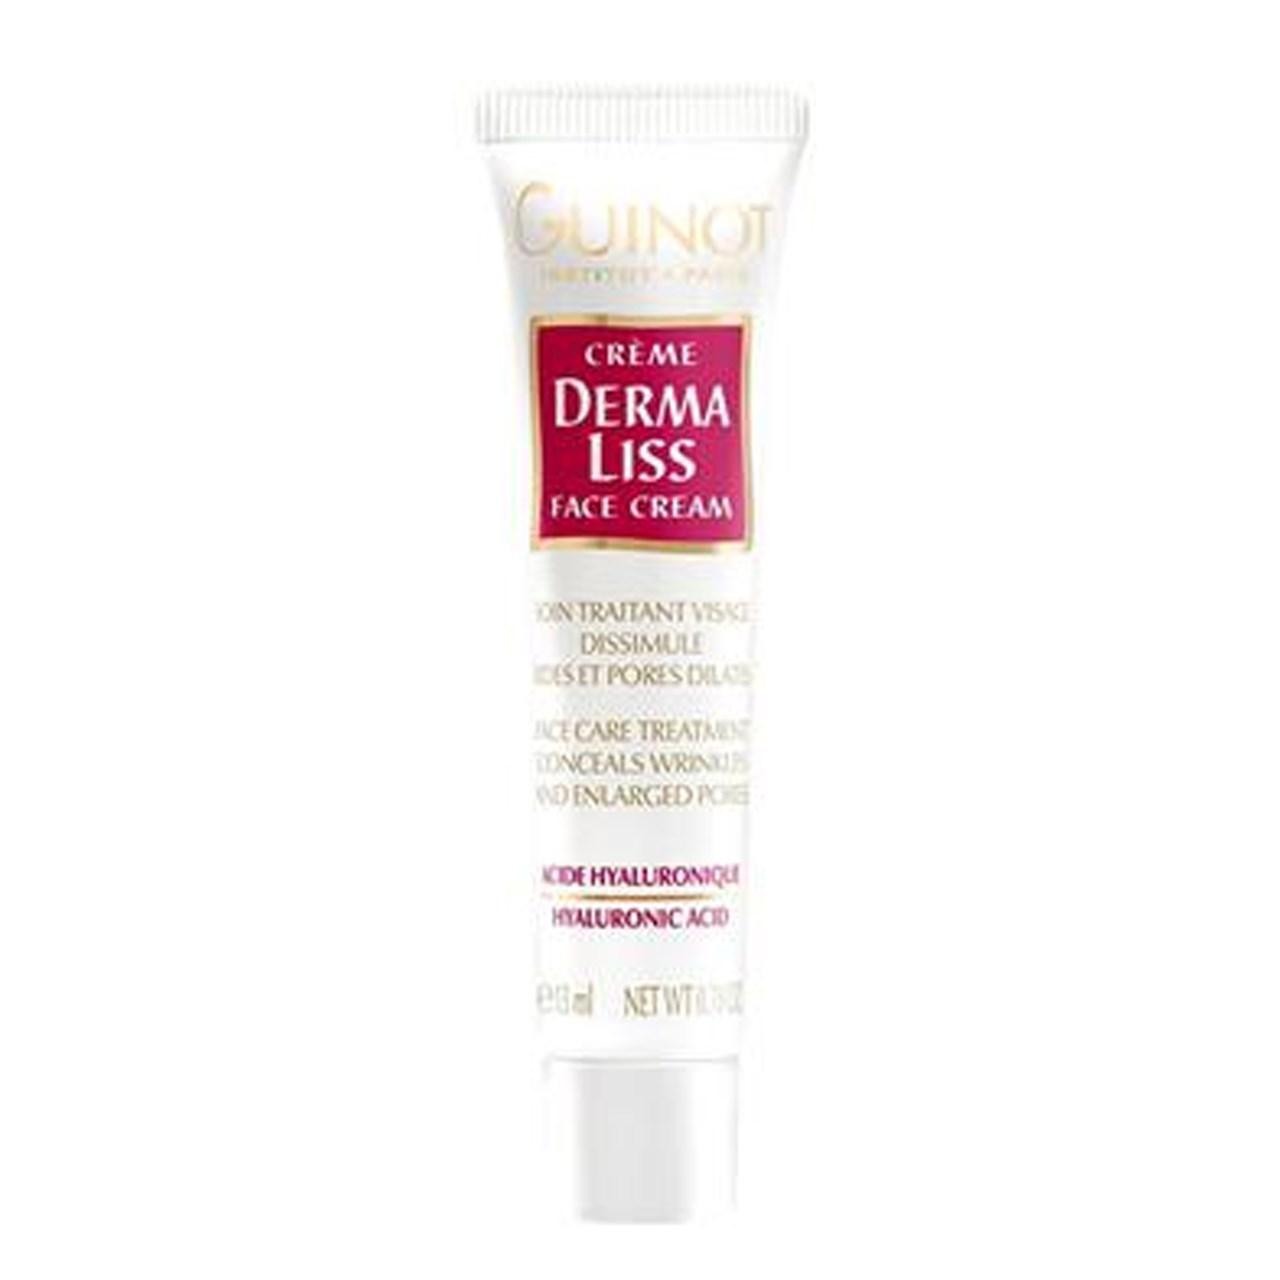 قیمت کرم کاهش دهنده منافذ باز پوست گینو مدل derma liss حجم 13 میلی لیتر